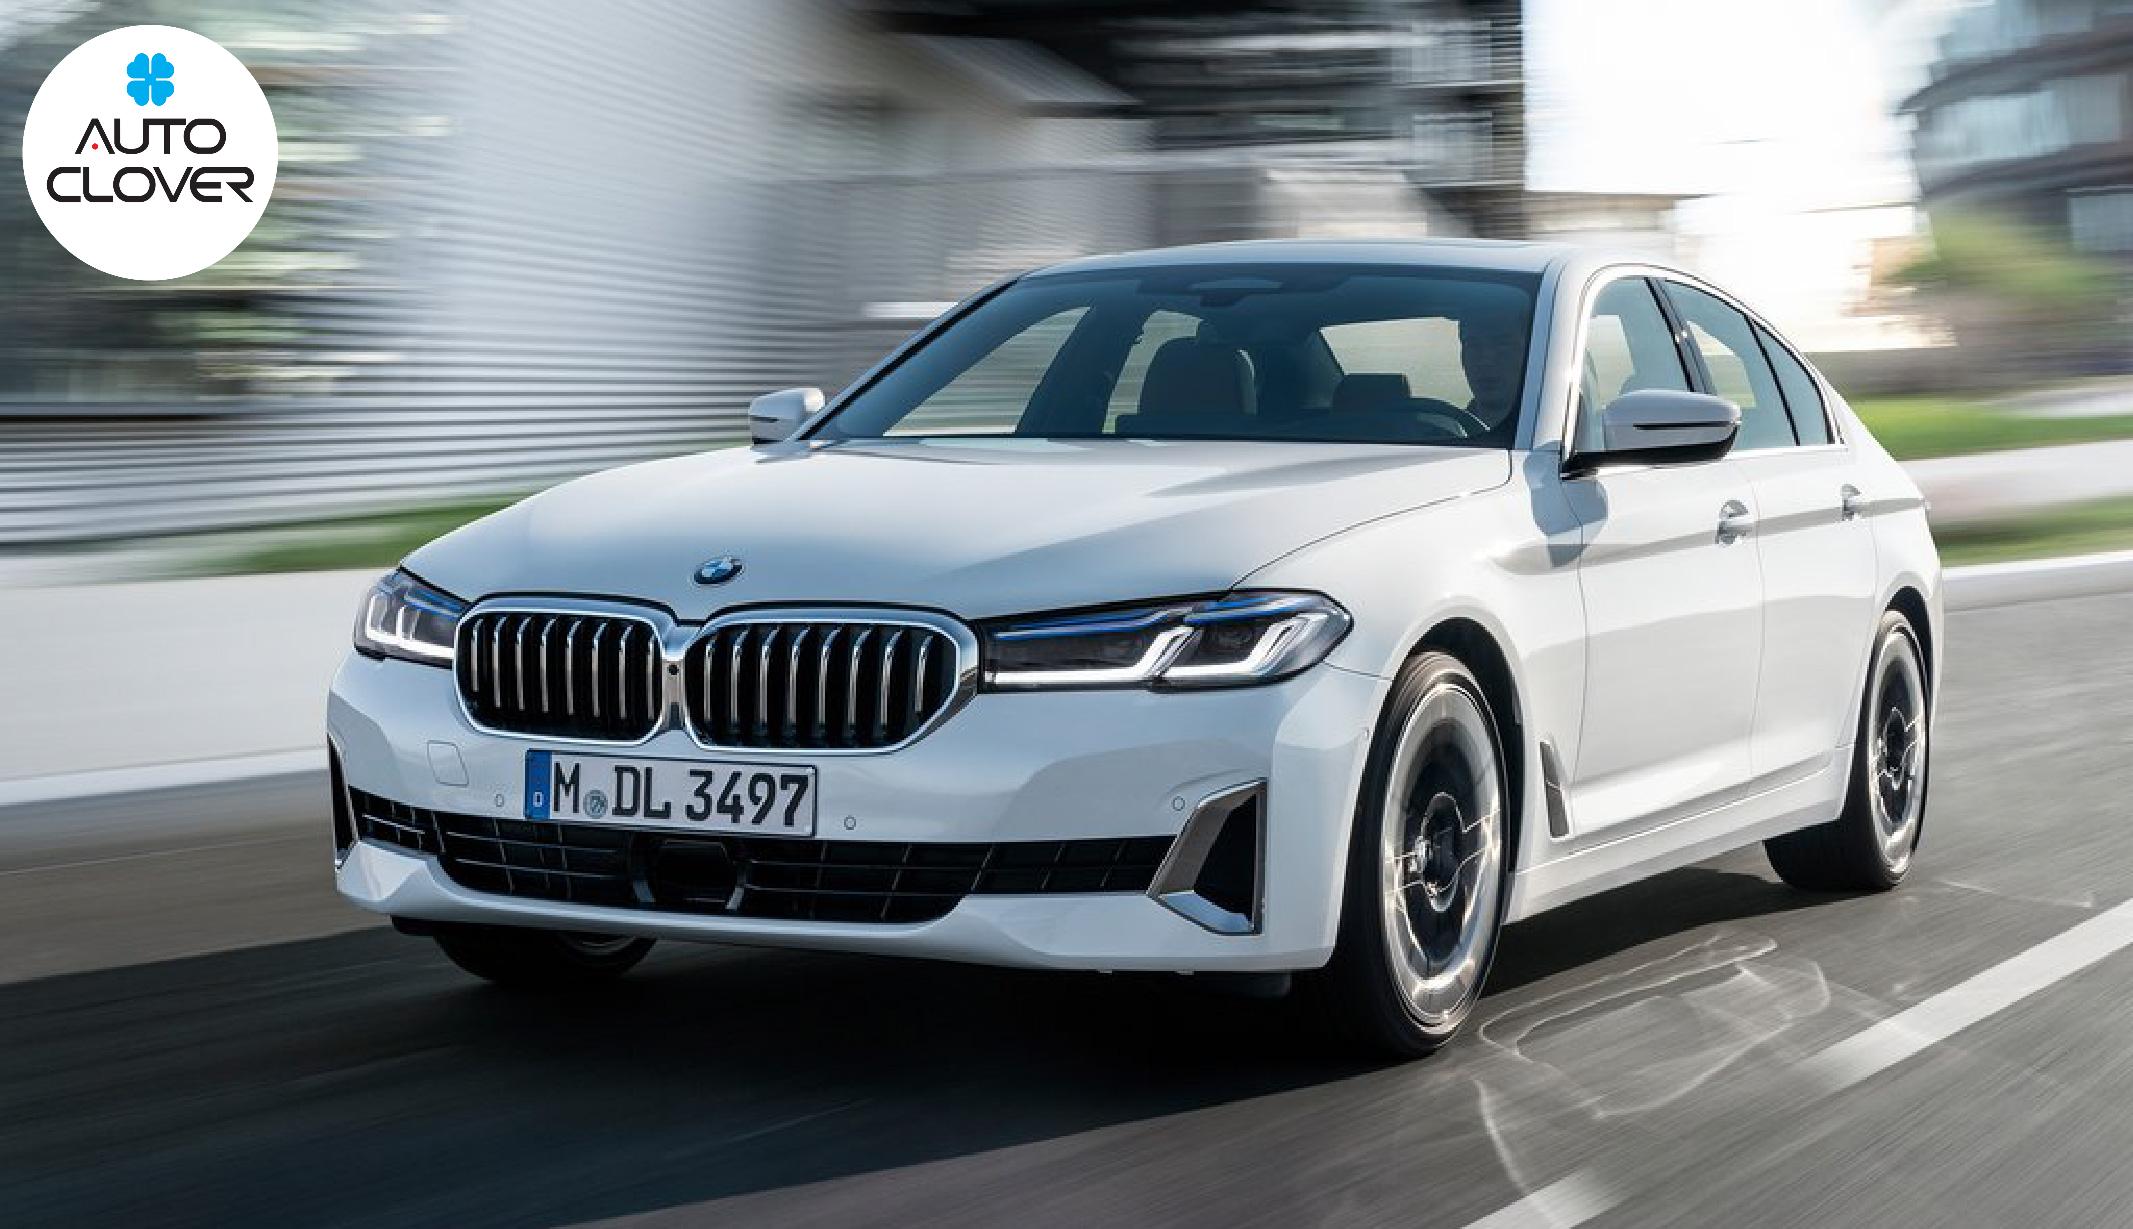 BMW 5 SERIES 2021 được hãng sử dụng động cơ B48 có dung tích TwinPower Turbo lên đến 2.0 lít. Với phiên bản 530i, công suất động cơ tăng lên 252 mã lực.